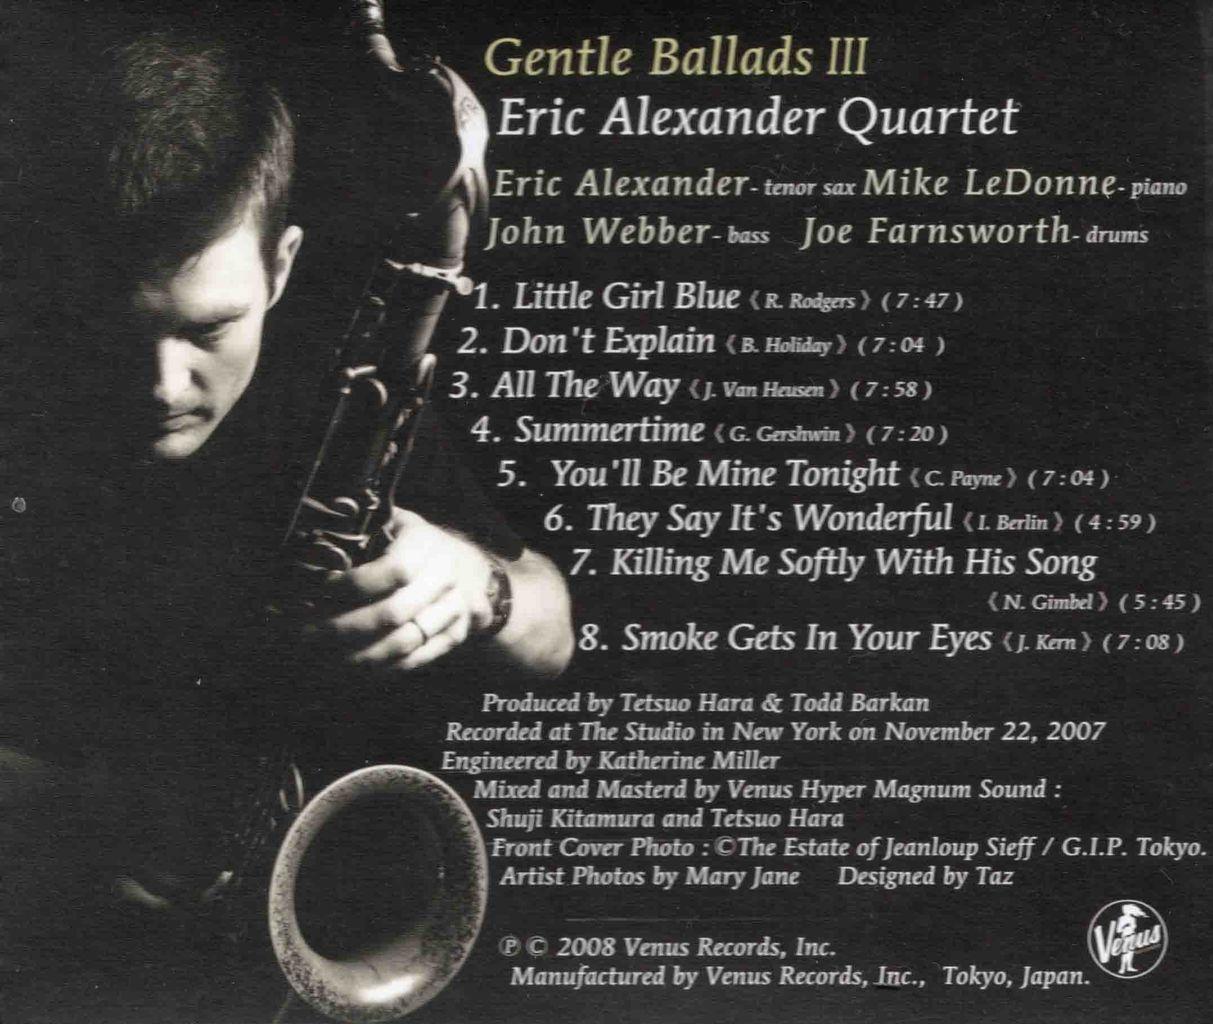 GENTLE BALLADS III-2